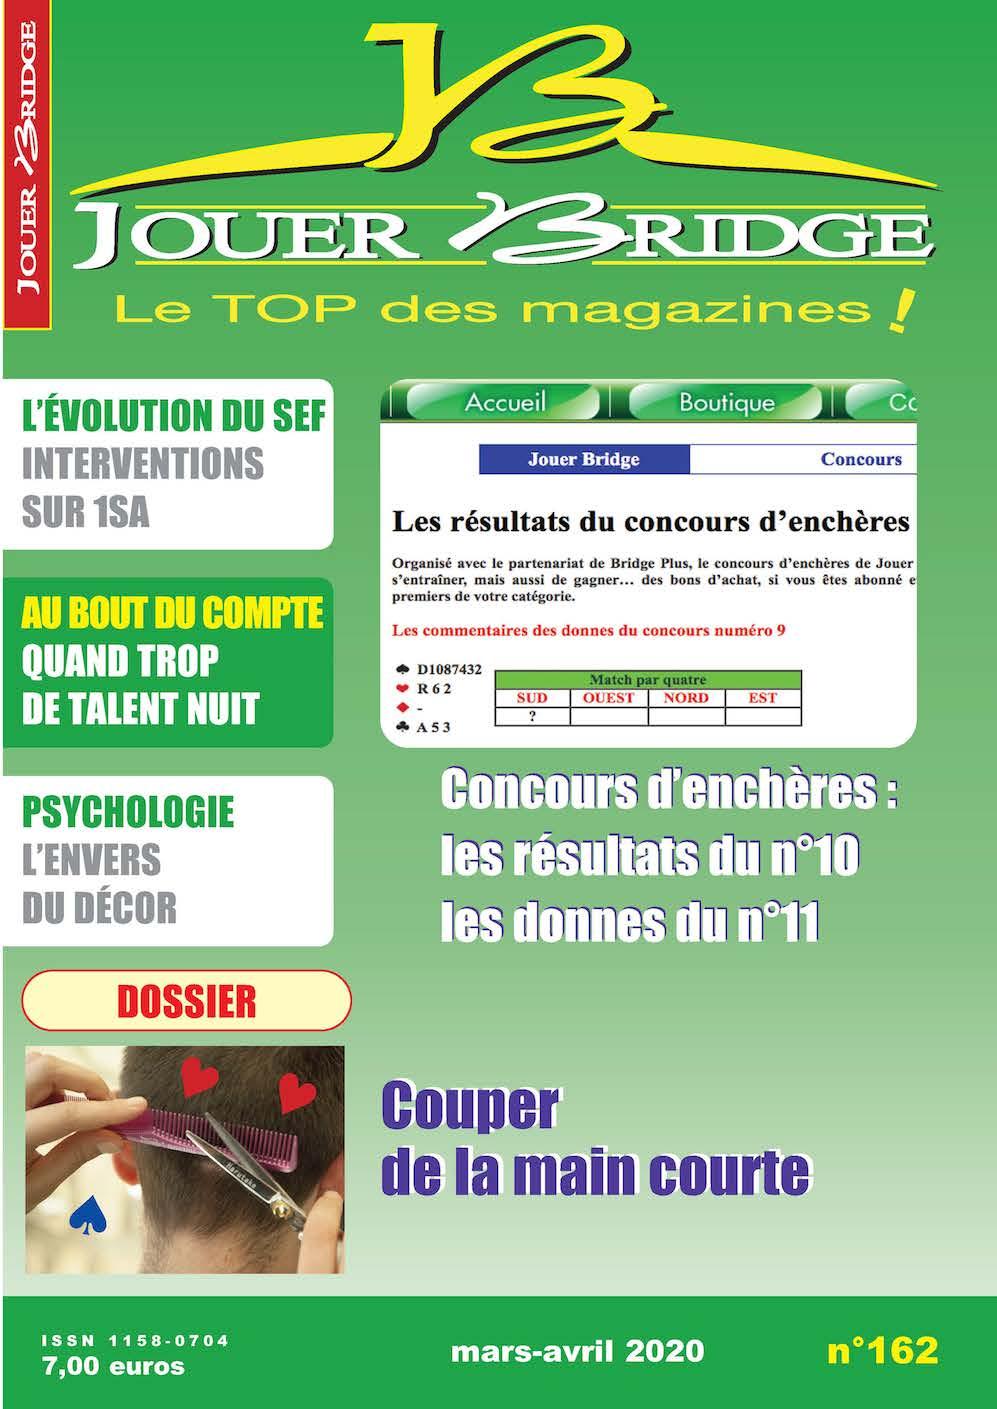 Jouer Bridge - Accueil intérieur Puissance 4 En Ligne Gratuit